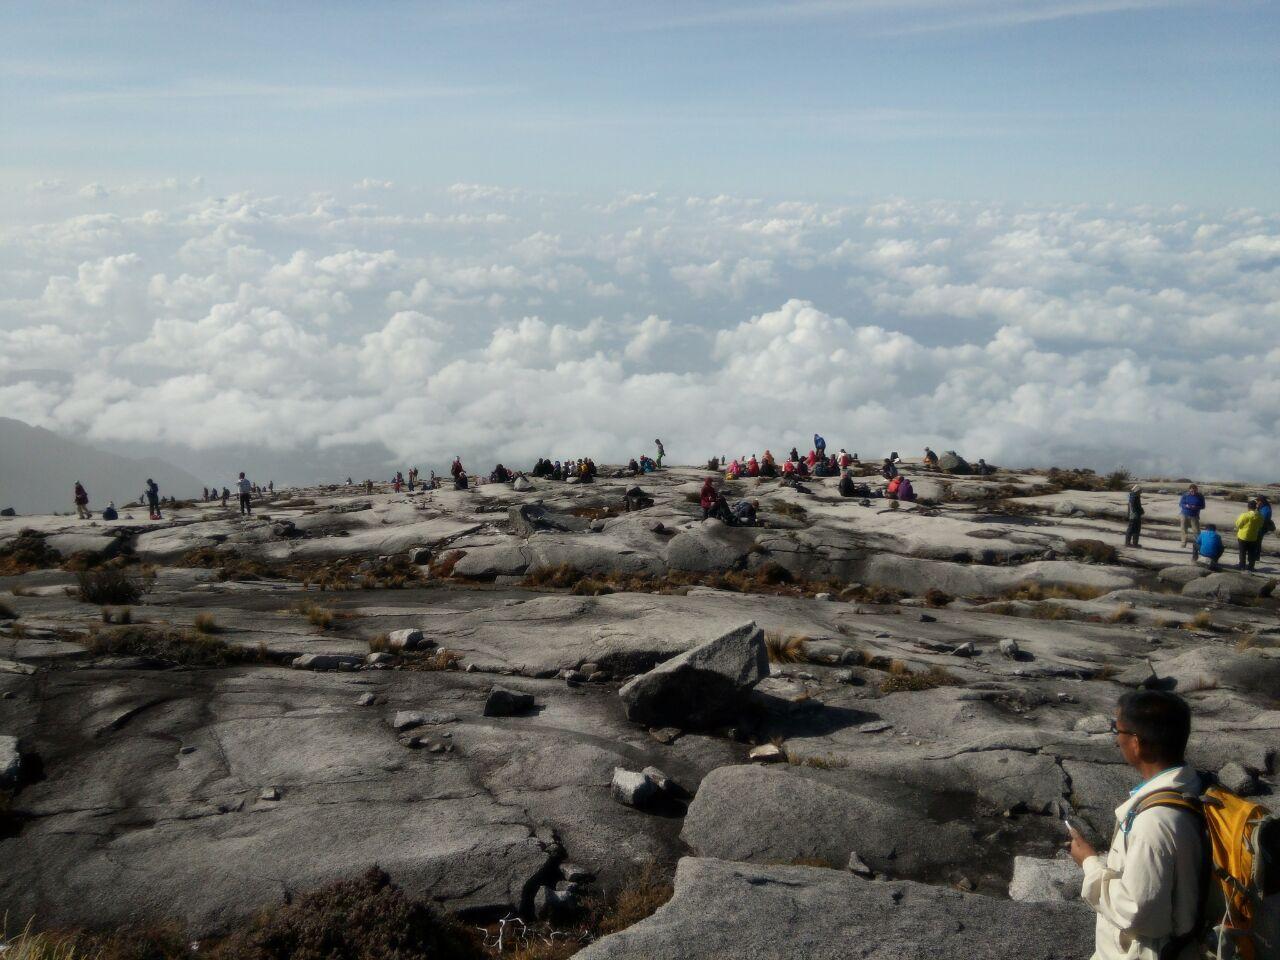 Berita Gempa Bumi di Ranau Gempa Bumi Ranau Sabah